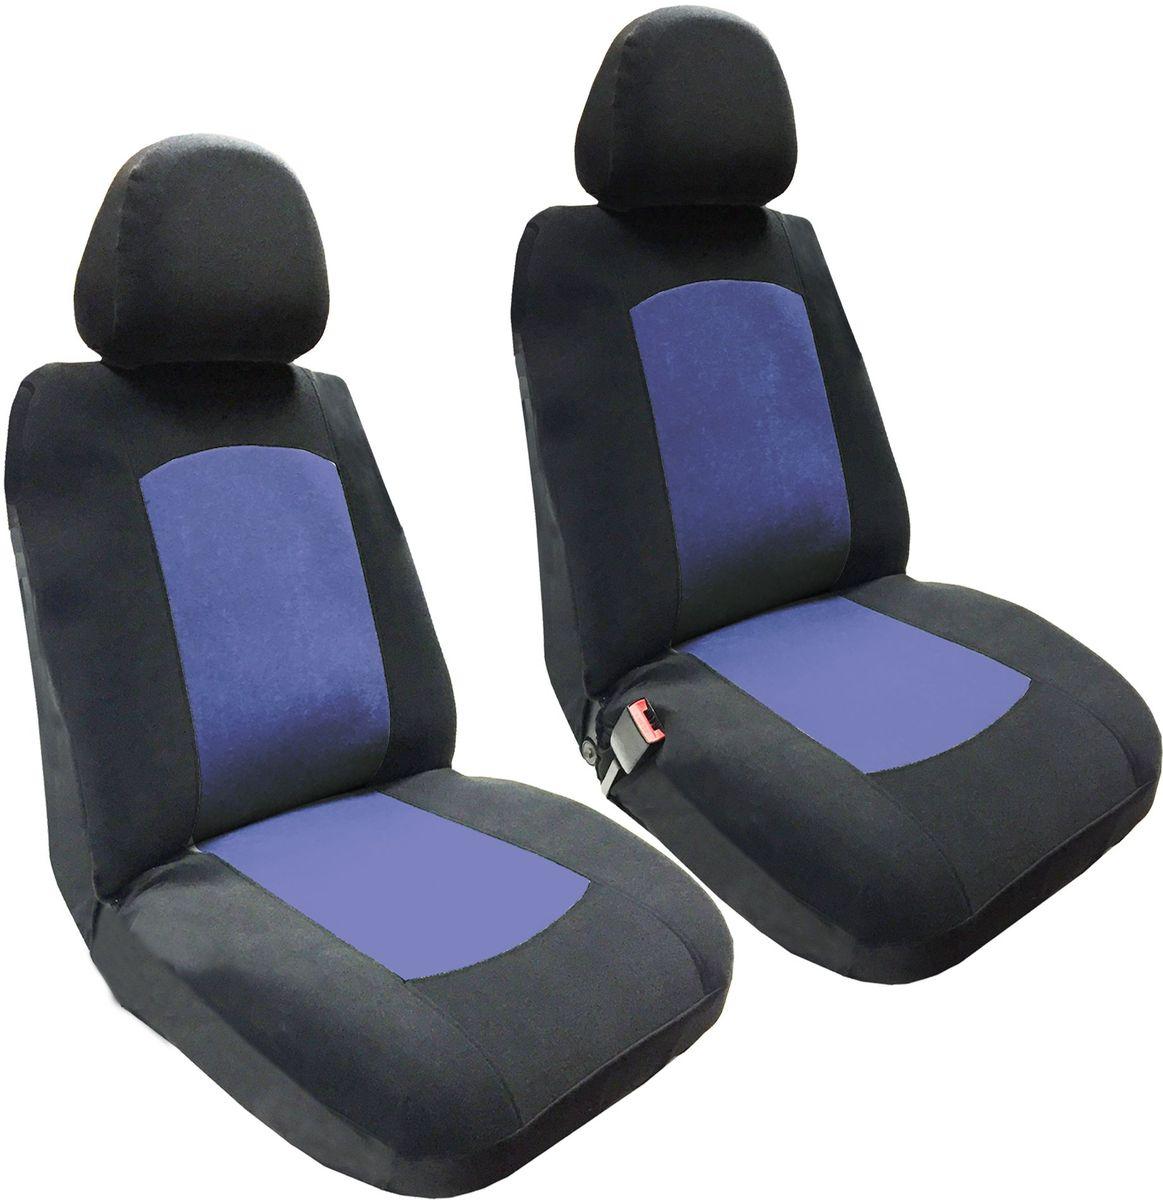 Набор автомобильных чехлов Auto Premium Фрегат, цвет: черный, синий, 4 предмета57202Комплект универсальных чехлов Auto Premium Фрегат выполнен из велюра, предназначен для передних кресел автомобиля. На задней спинке чехла расположен вшивной карман. В комплект входят съемные чехлы для подголовников. Практичный и долговечный комплект чехлов для передних сидений надежно защищает сиденье водителя и пассажира от механических повреждений, загрязнений и износа.